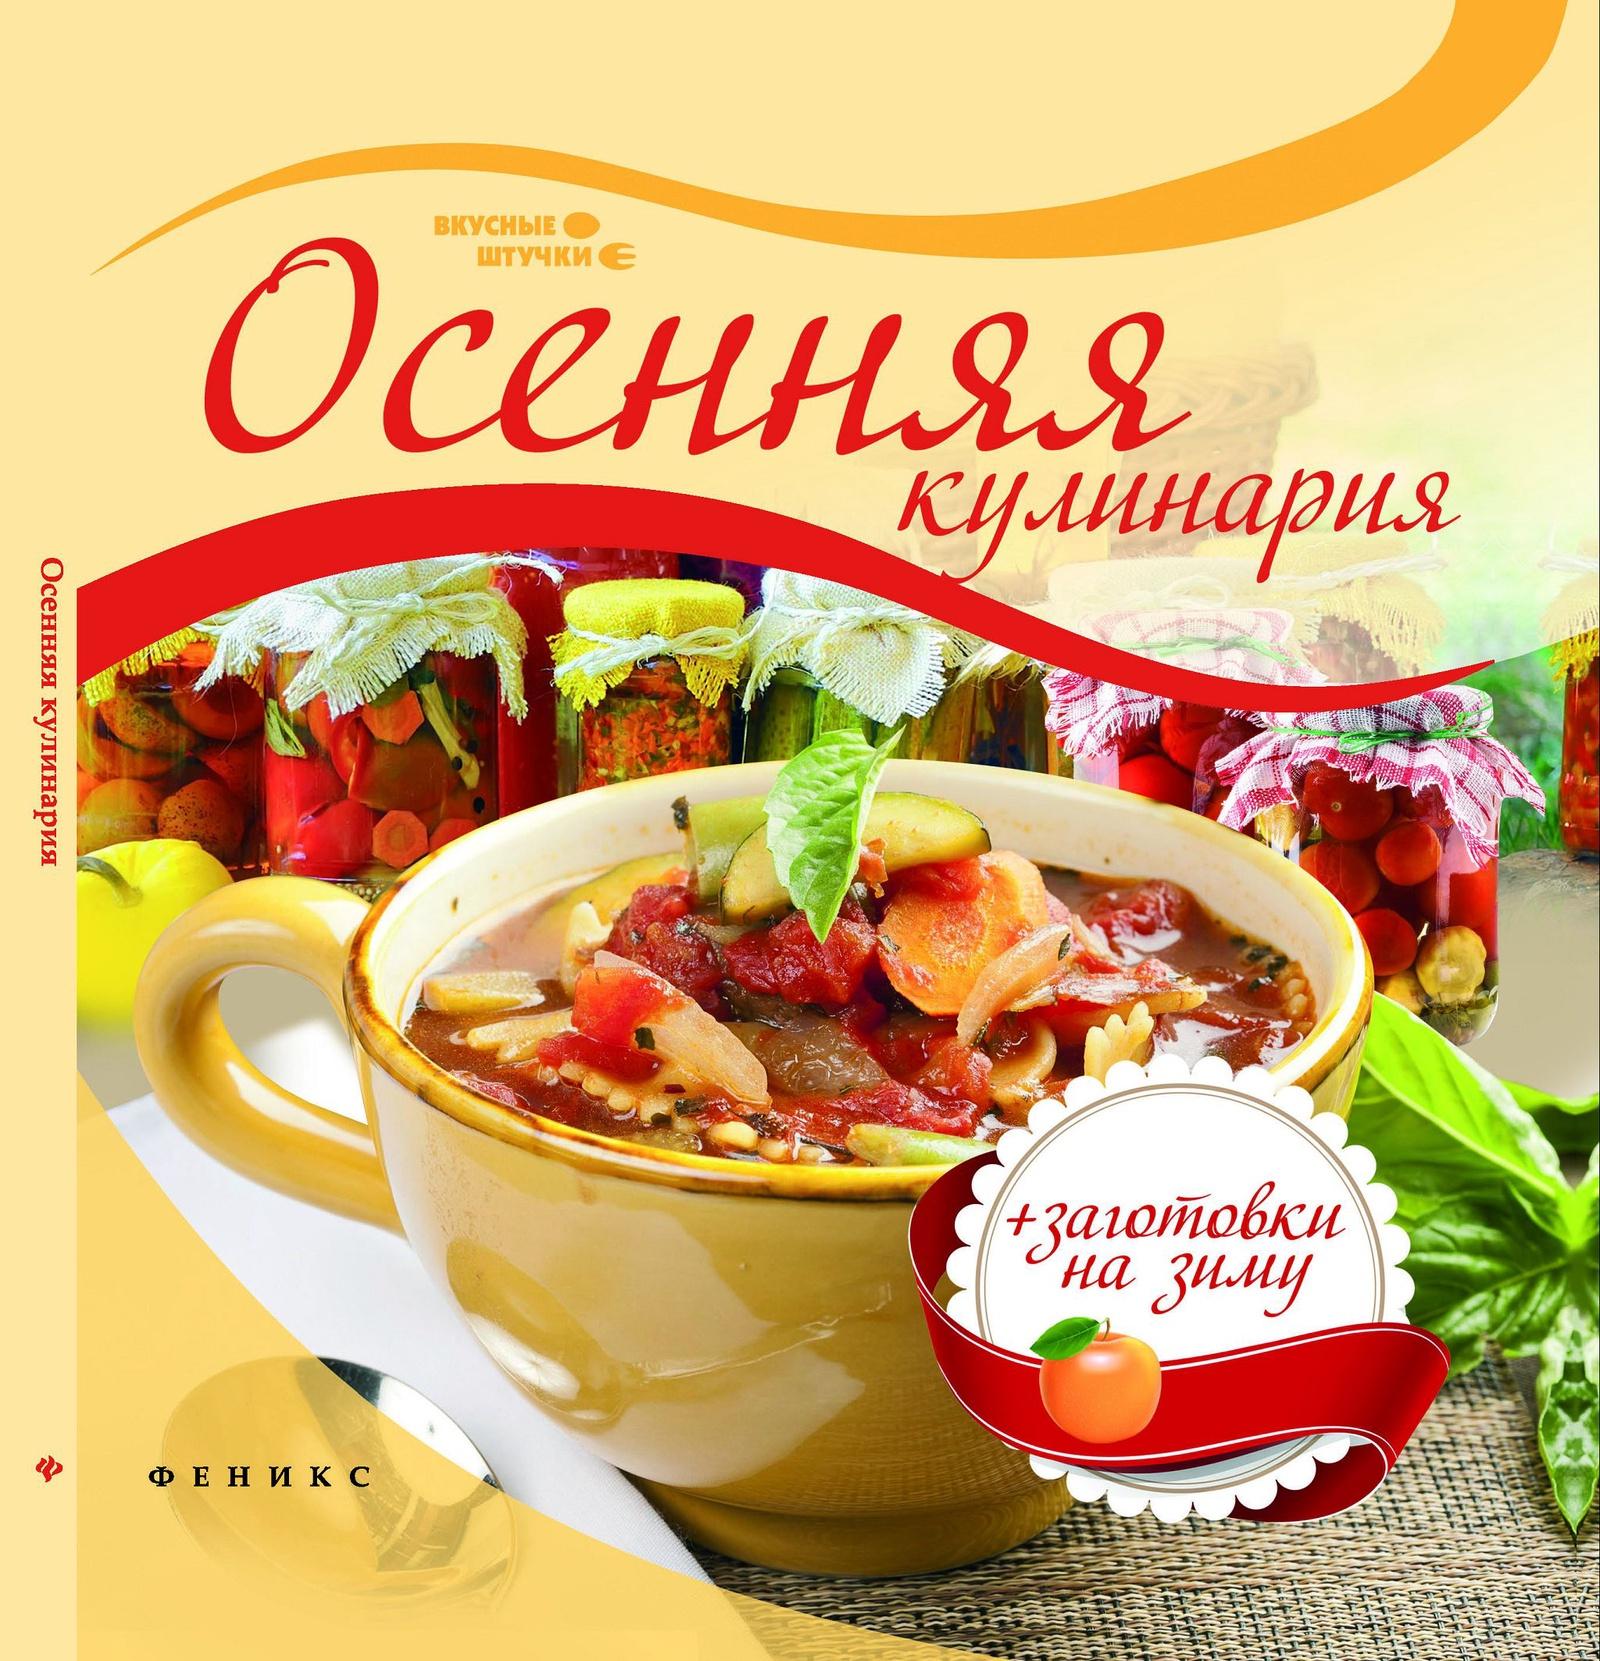 поэтому название кулинарные рецепты картинка востребованы